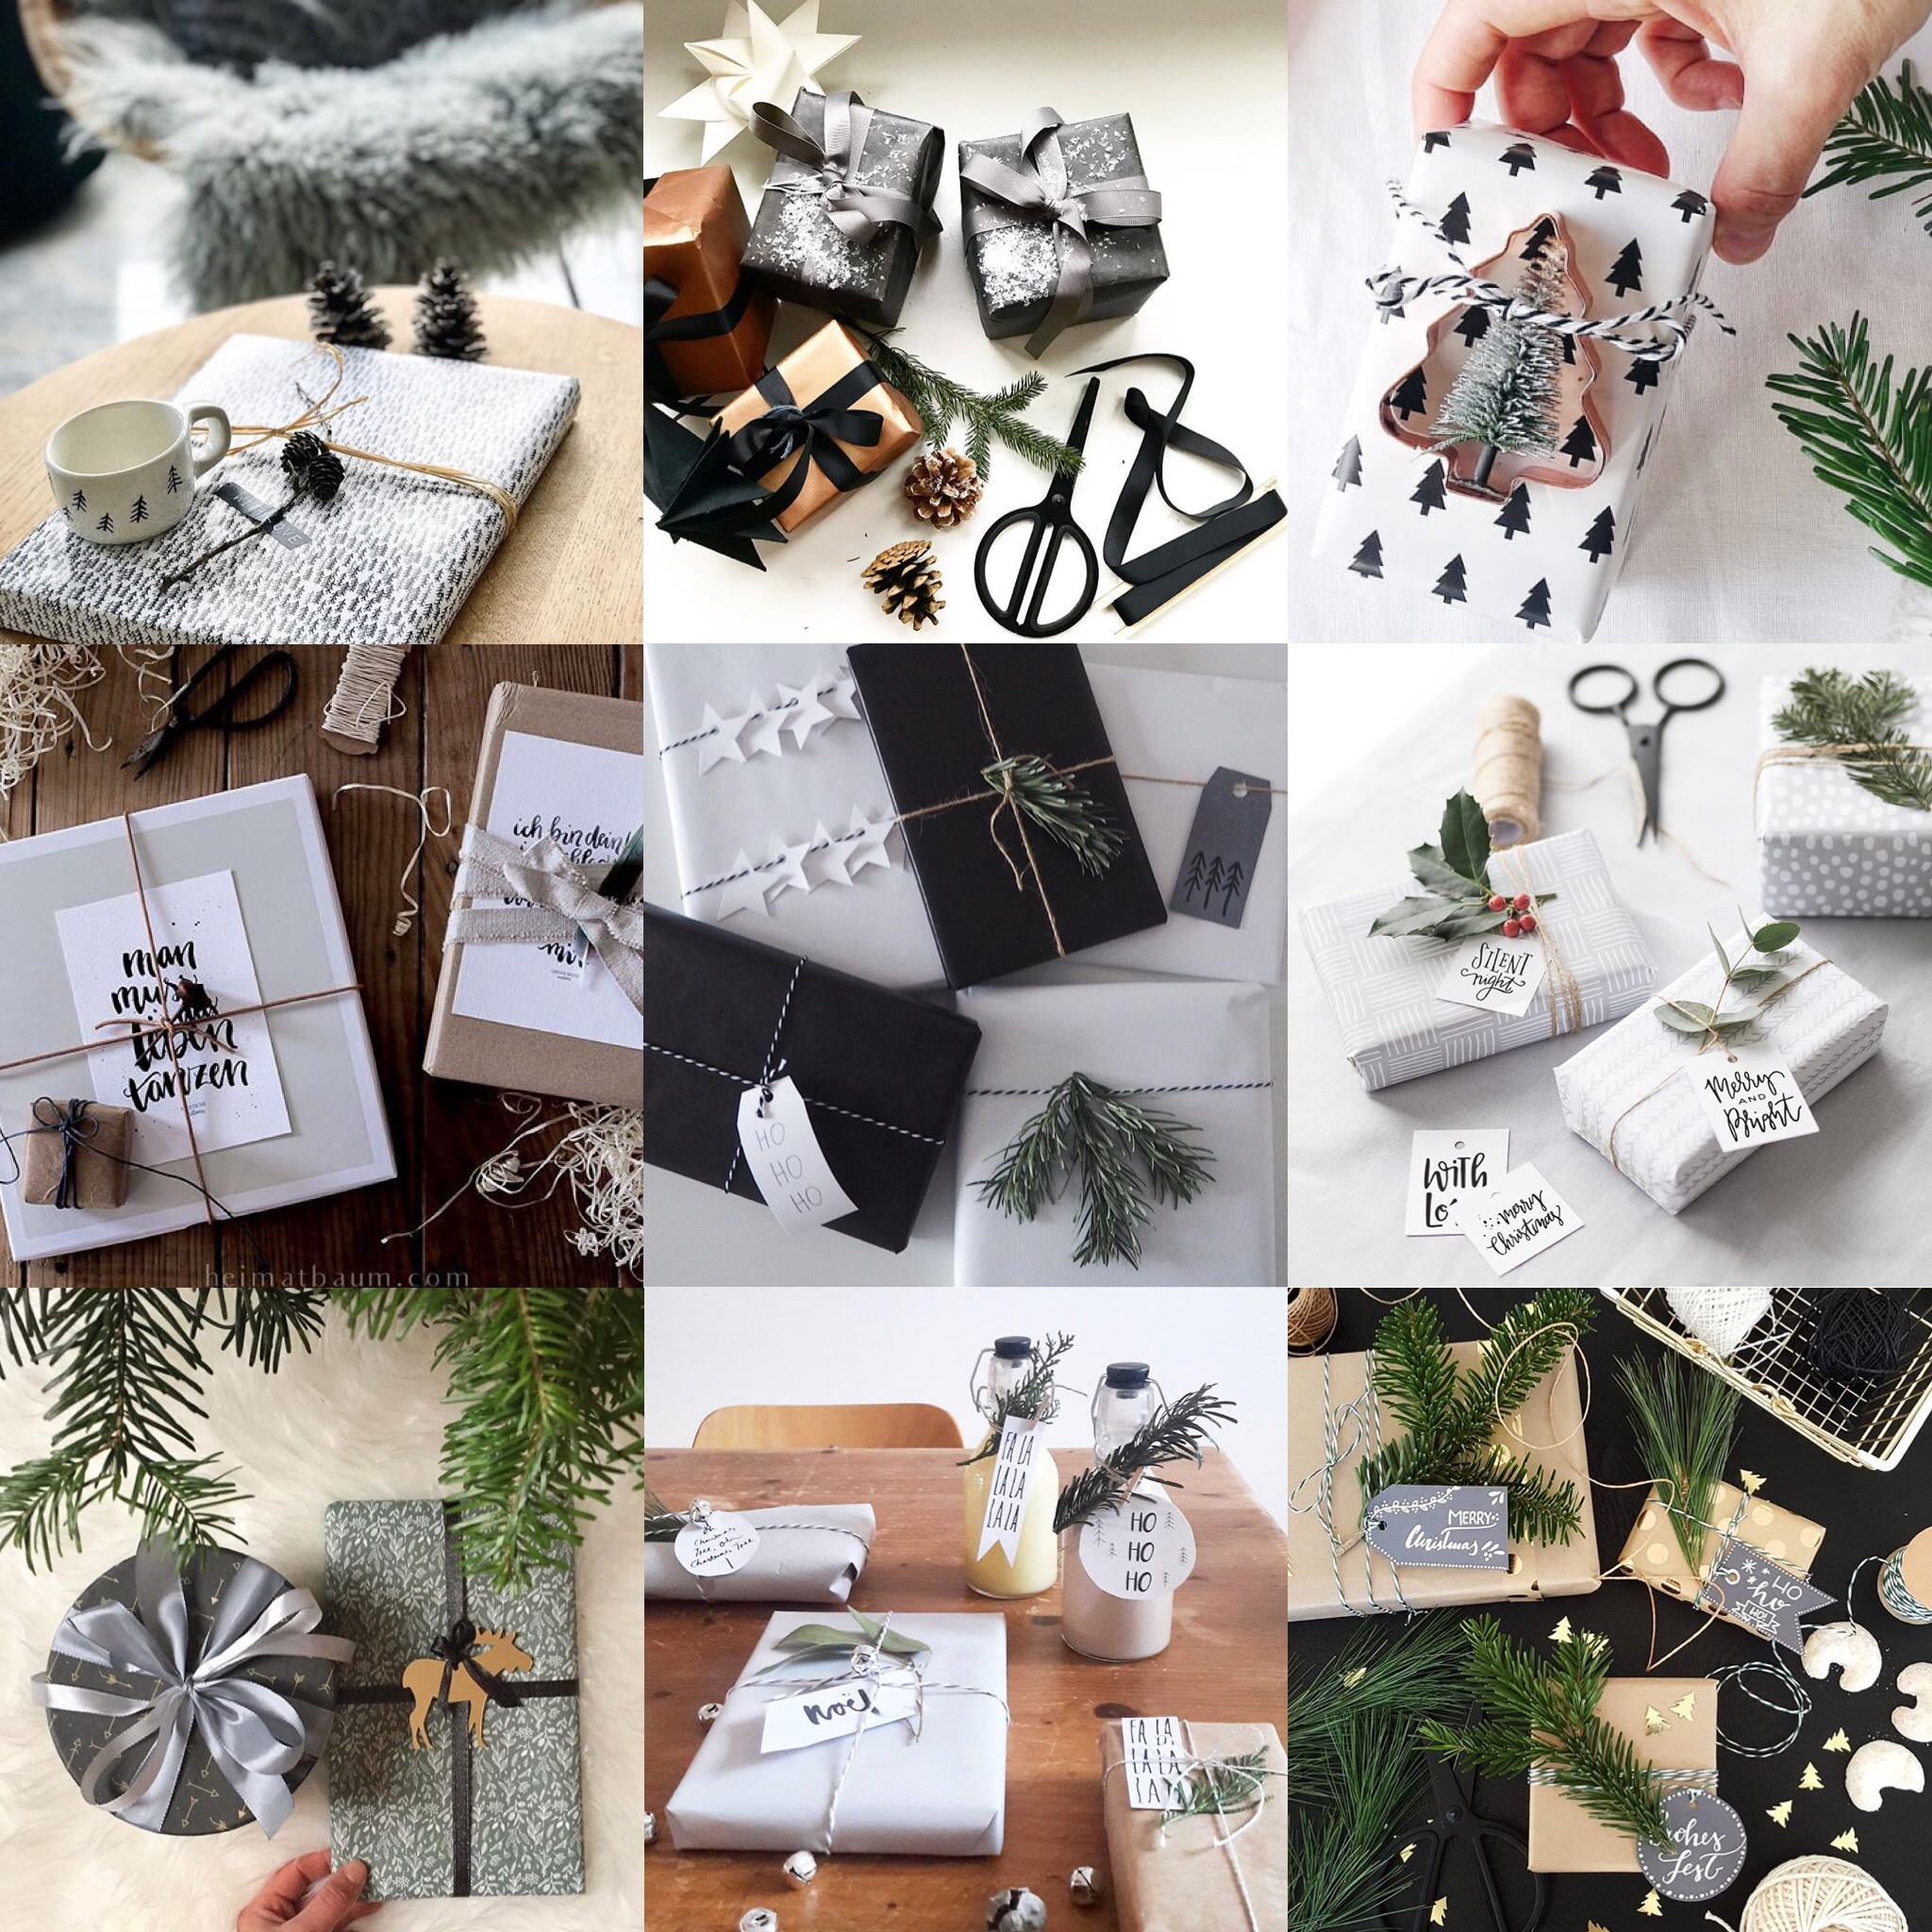 #zeigdein_traumzuhause Instagram Winterchallenge Weihnachtschallenge Schön verpackt Giftwrapping Geschenke verpacken